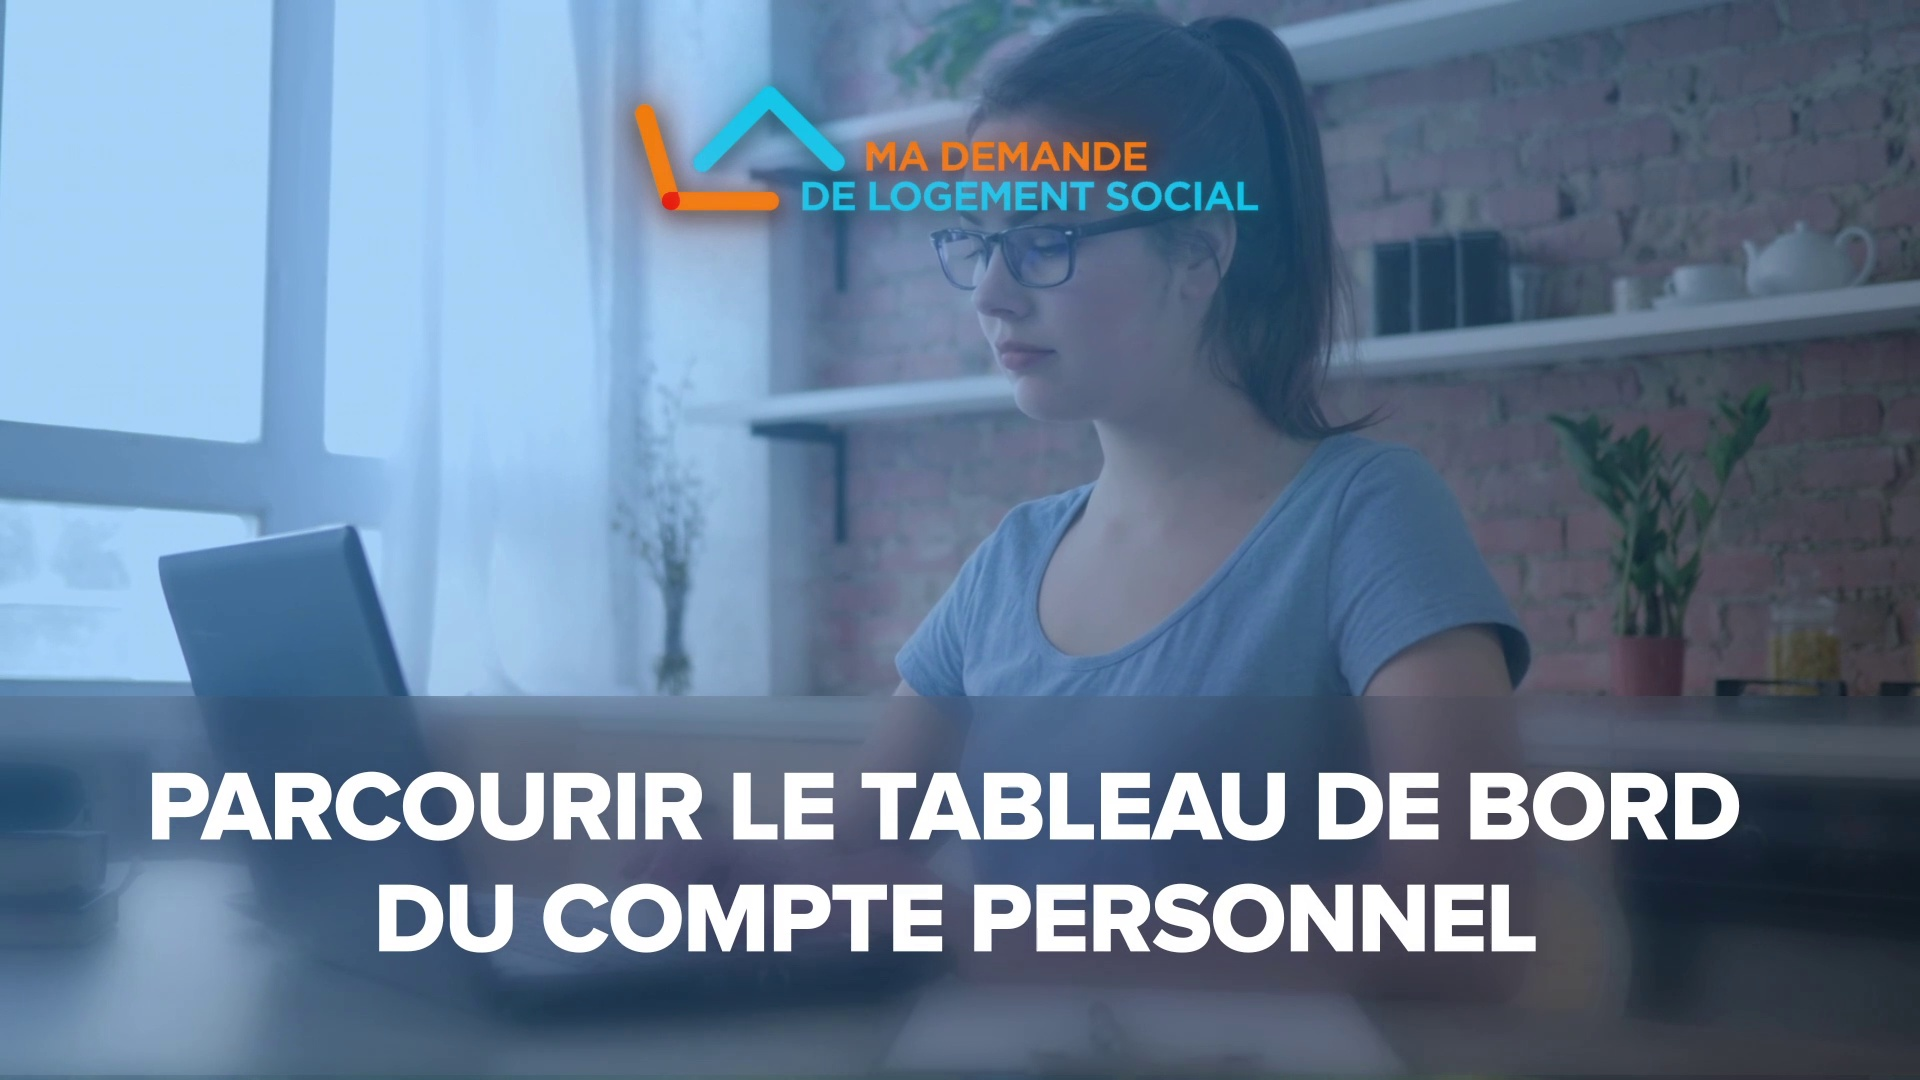 Dailymotion Video: [Tuto4]  Gérer les demandes de logement social sur le tableau de bord du site  www.demande-logement-social.gouv.fr »